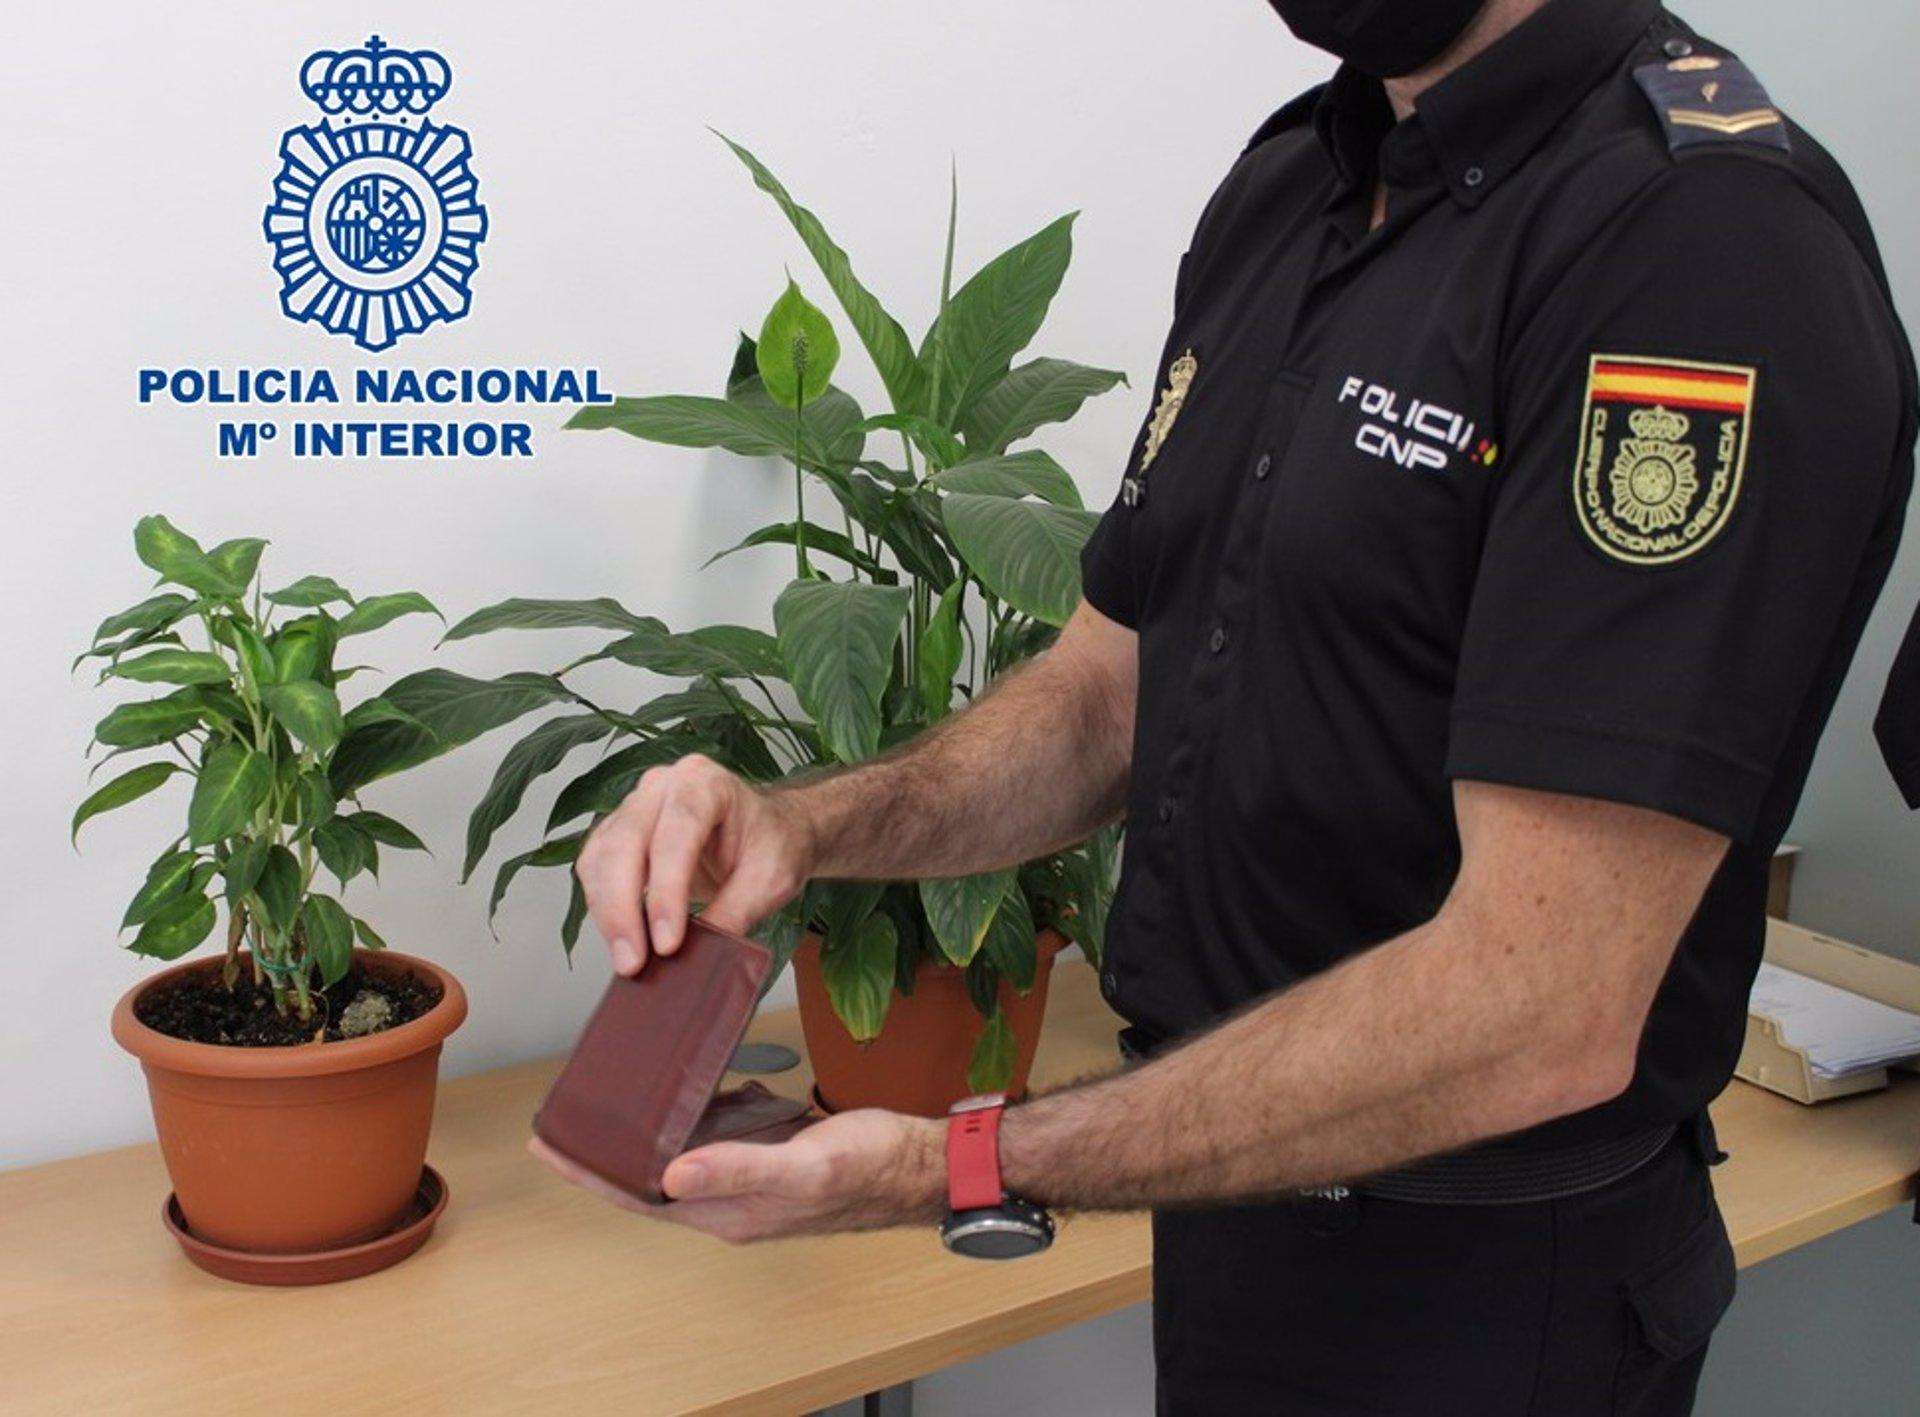 Detenido investigado por intentar sustraer la cartera de un cliente a la puerta de un bar